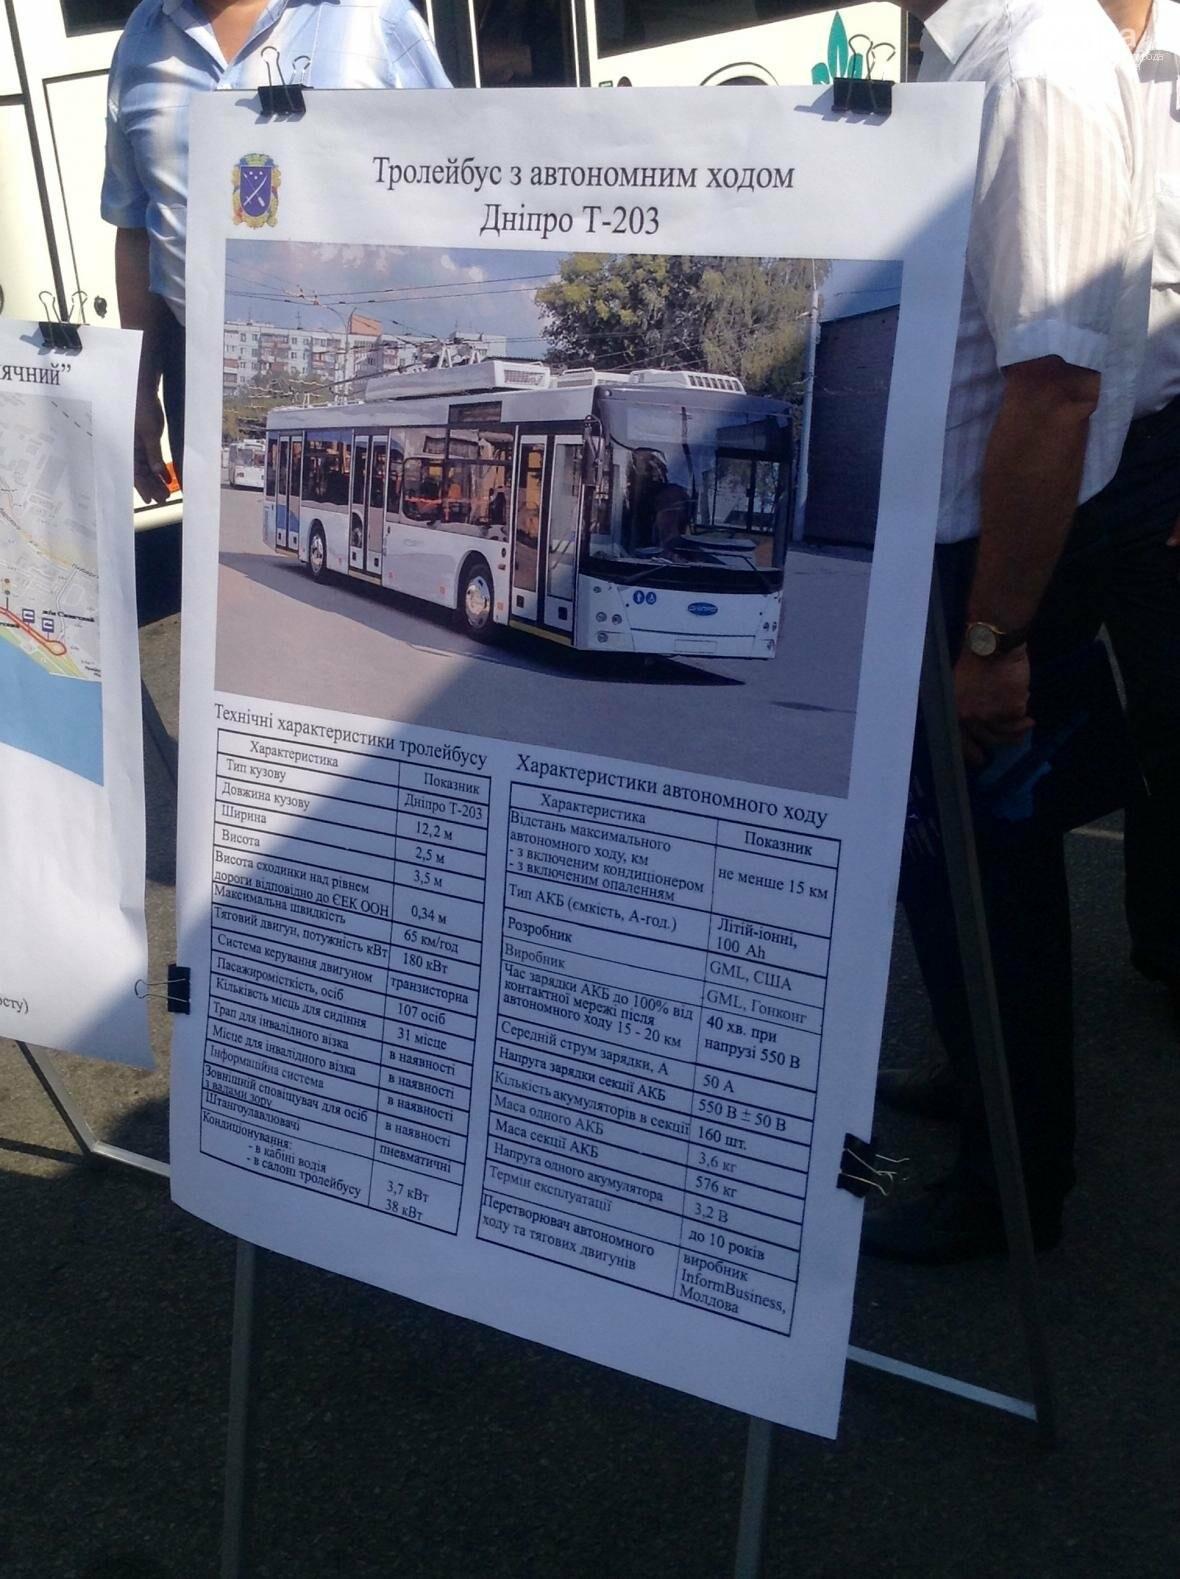 В Днепре троллейбусы с автономным ходом вышли на маршруты (ФОТОРЕПОРТАЖ), фото-1